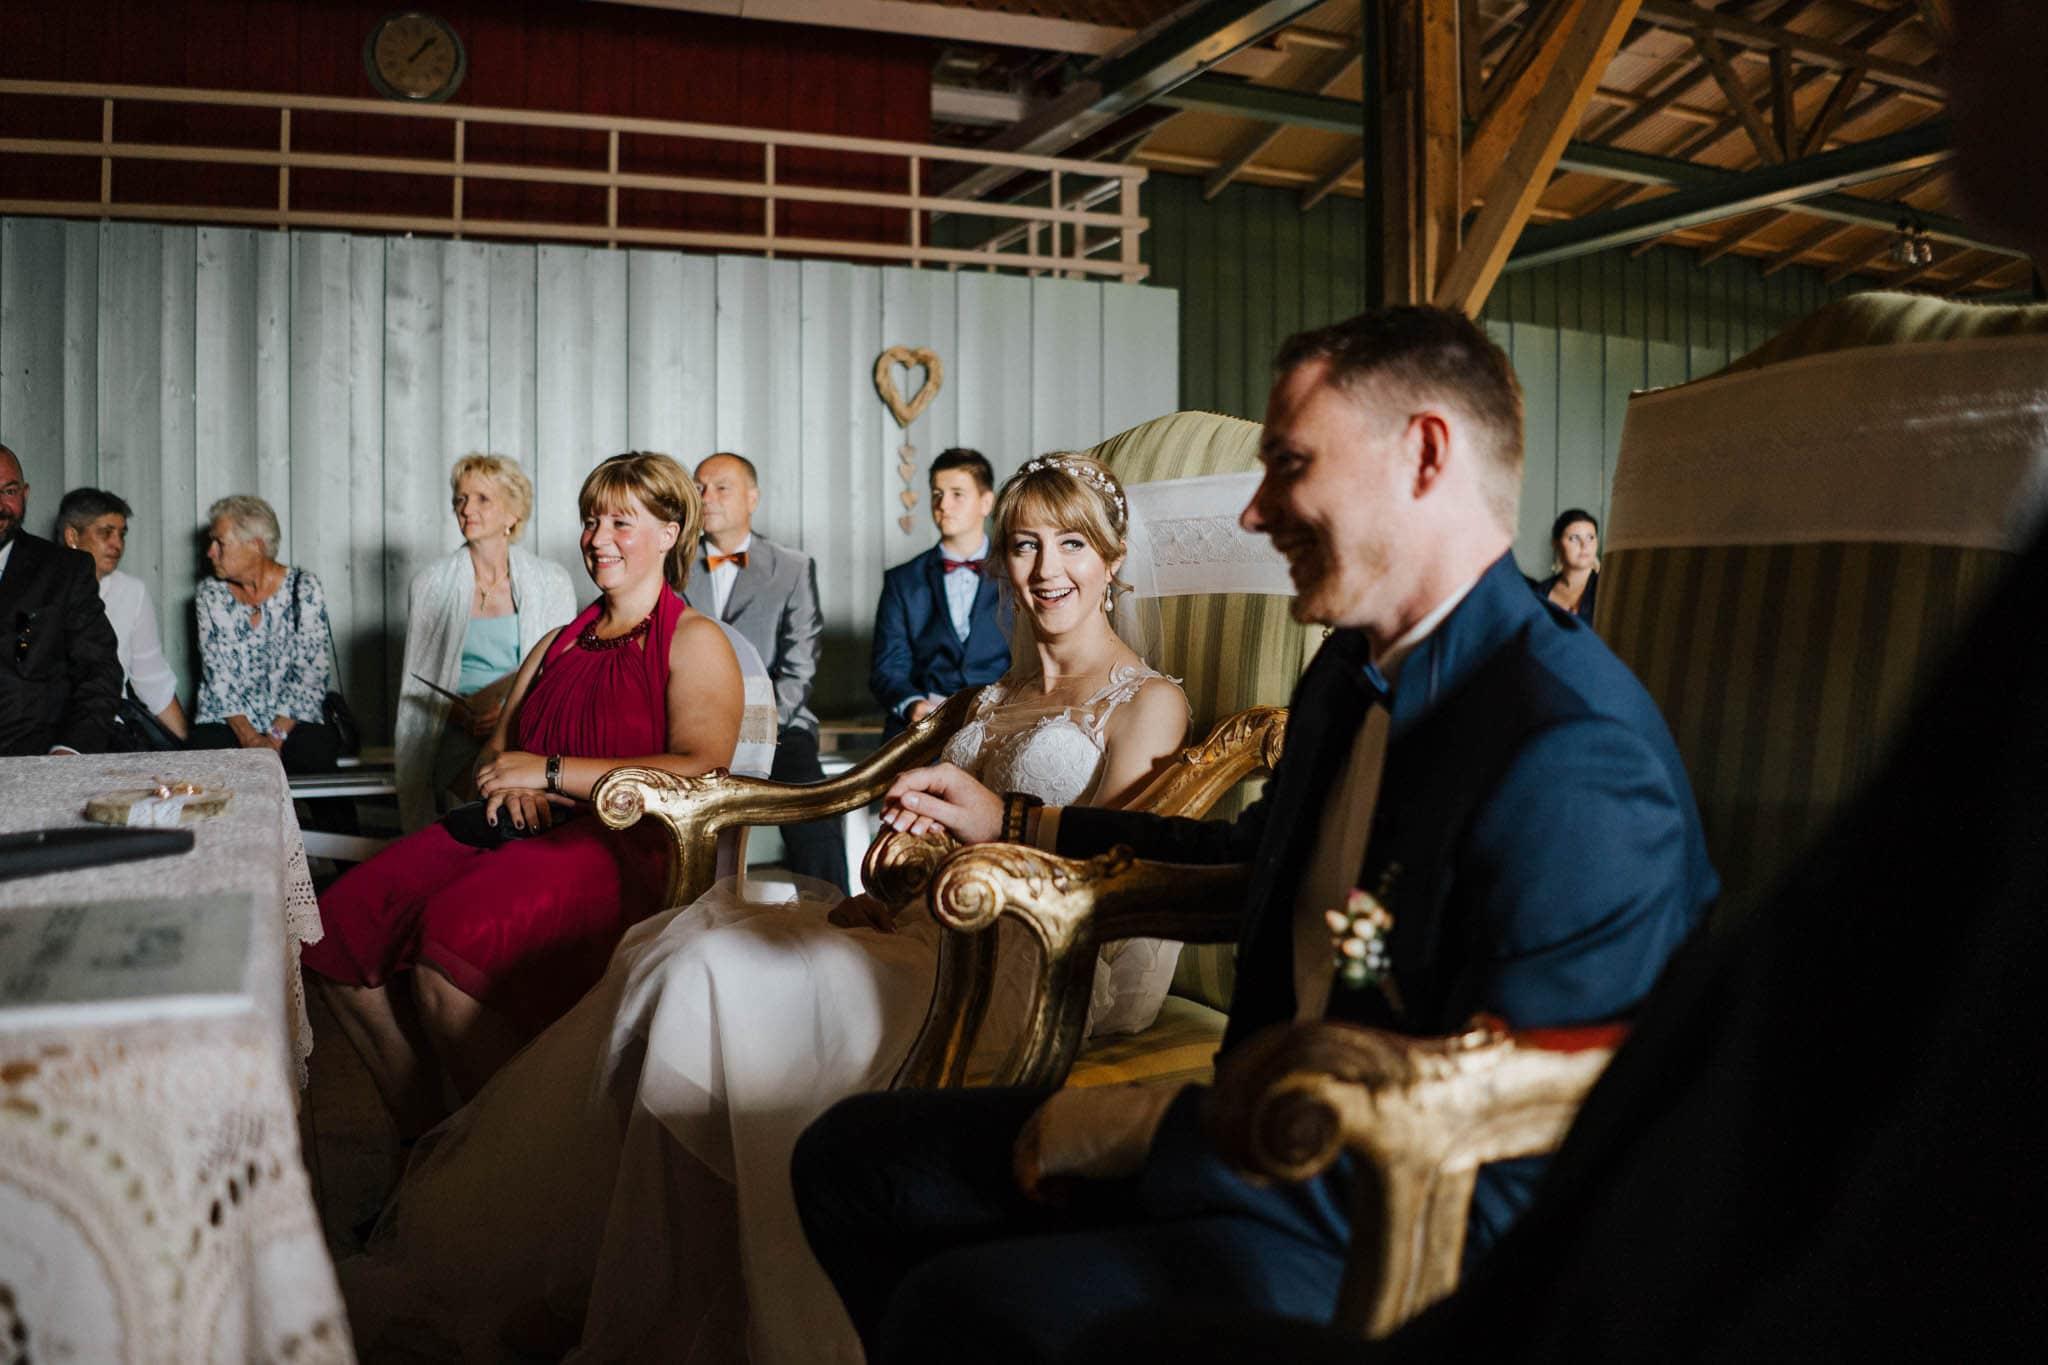 Hochzeitsfieber by Photo-Schomburg, Hoichzeitsfotograf, Hamburg, Wedding, Weddingtime, Hochzeitspaar, Braut, Bräutigam, Hochzeit im Norden,-48